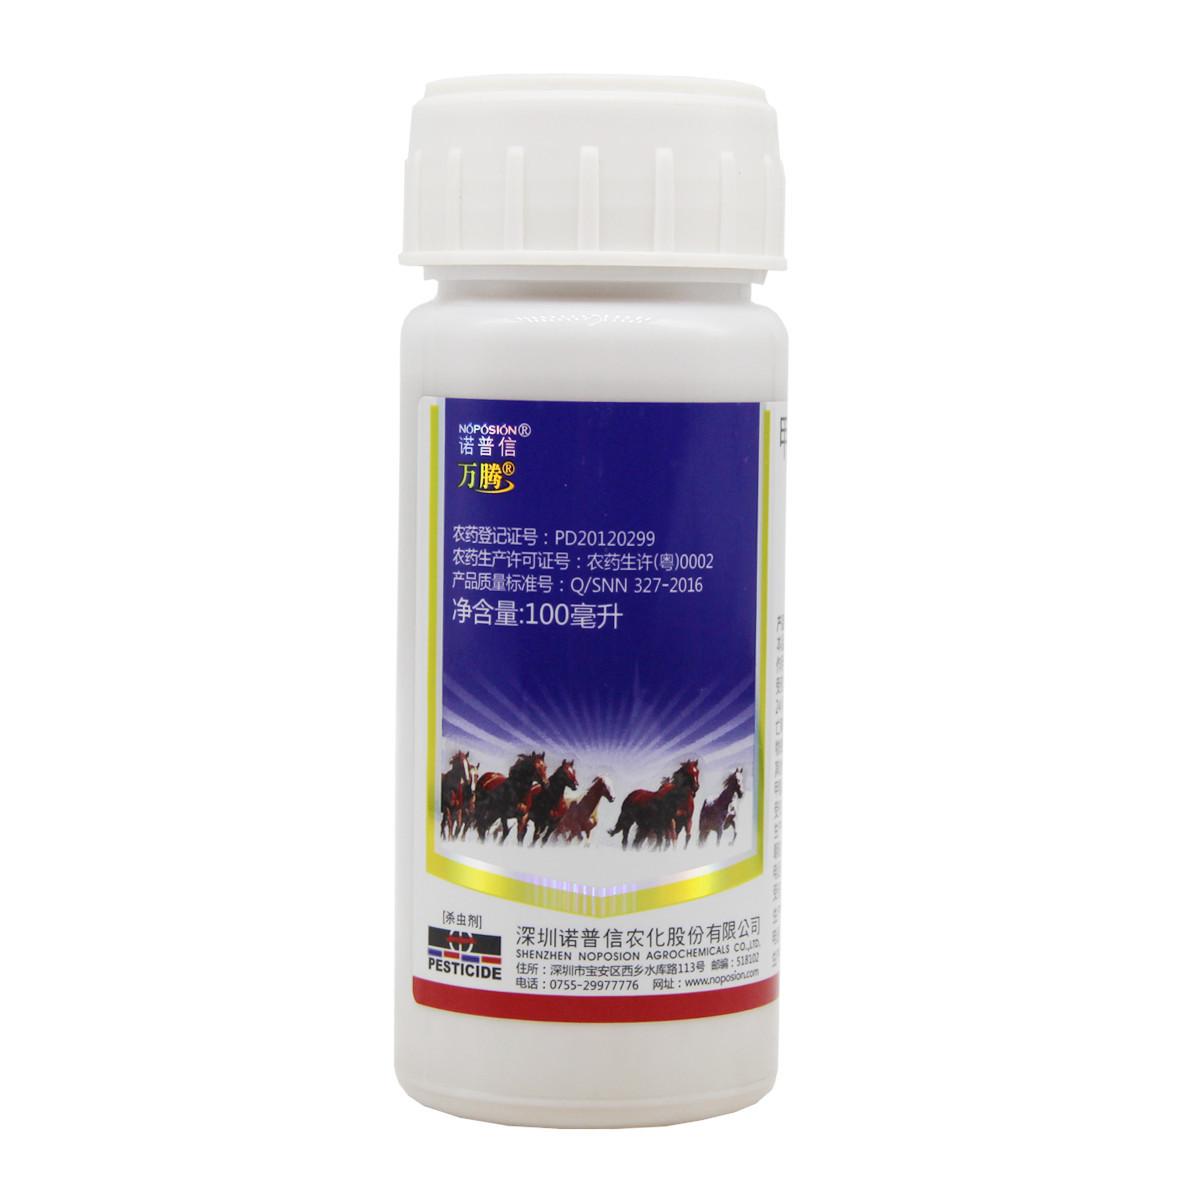 thuốc trừ sâu 100ml dùng cho cây củ cải đường .